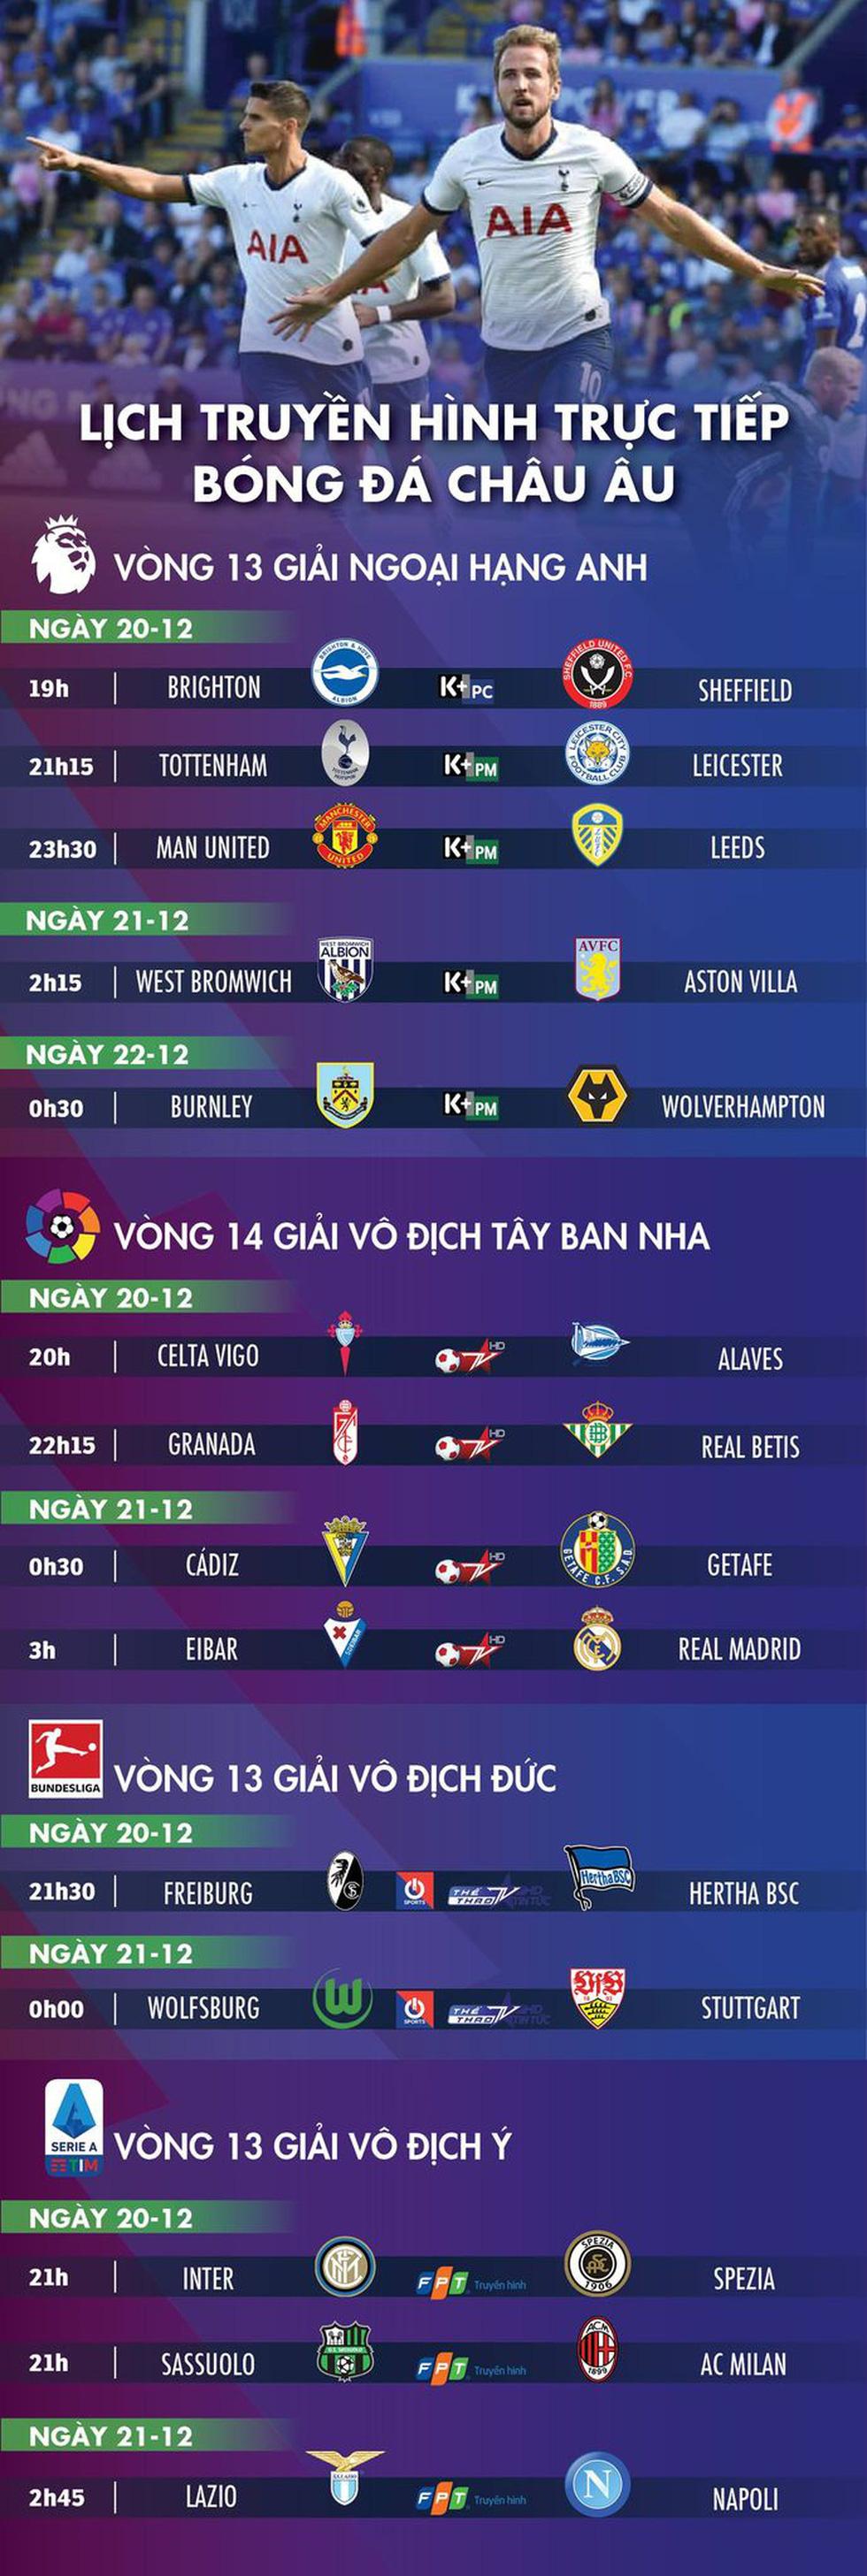 Lịch trực tiếp bóng đá châu Âu 20-12: Tottenham - Leicester, Man United - Leeds - Ảnh 1.